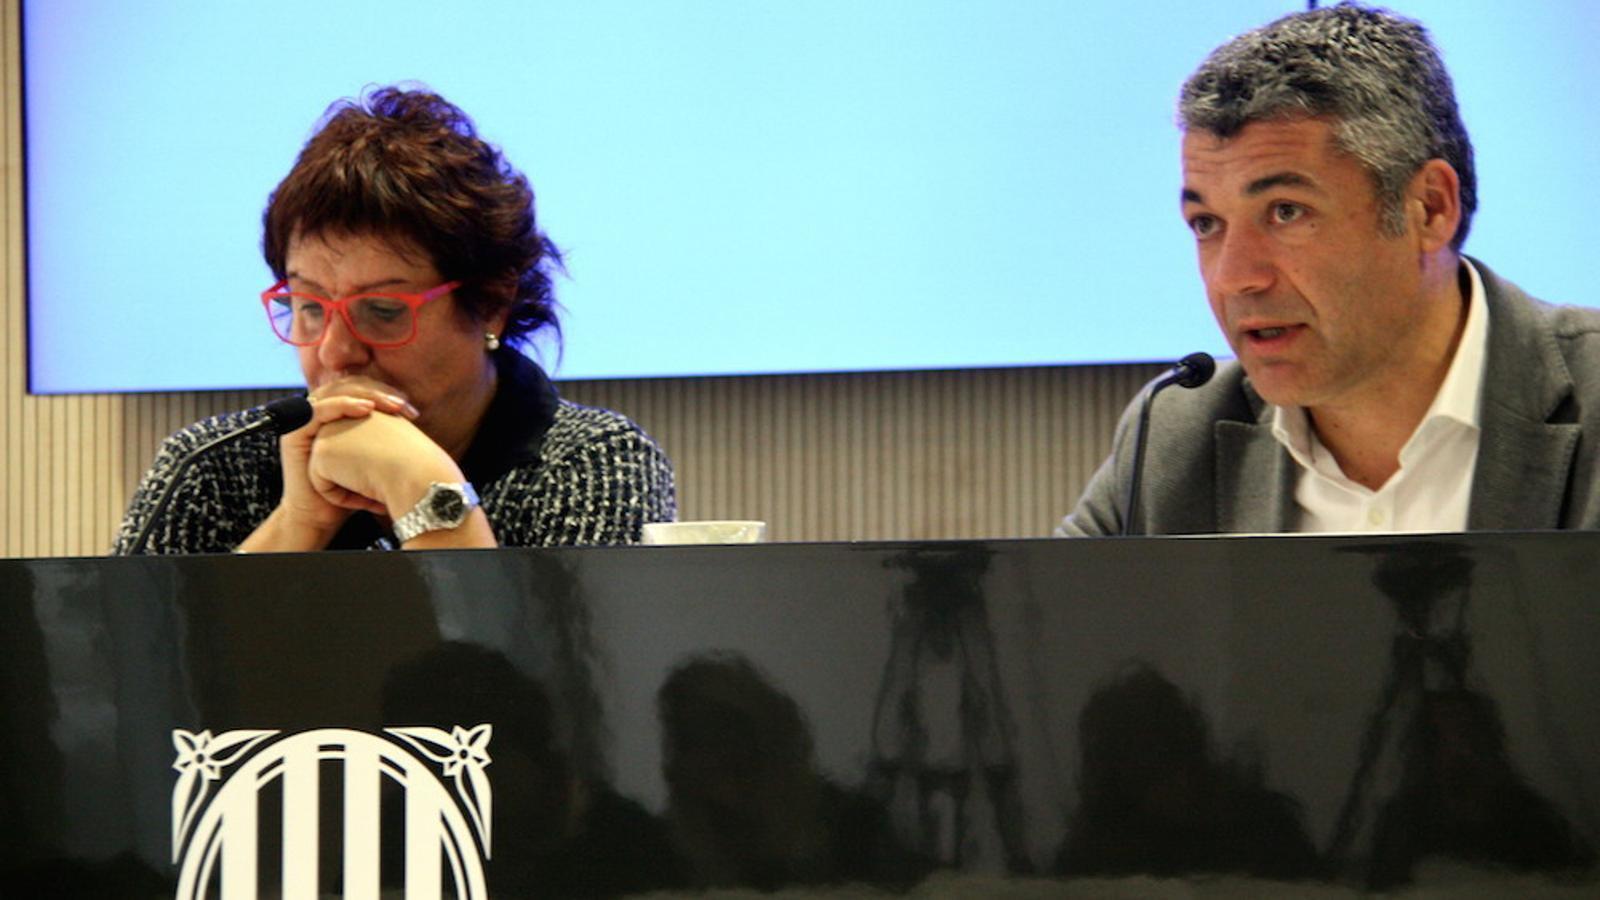 La consellera Dolors Bassa, junt a Oriol Amorós, en una imatge d'arxiu